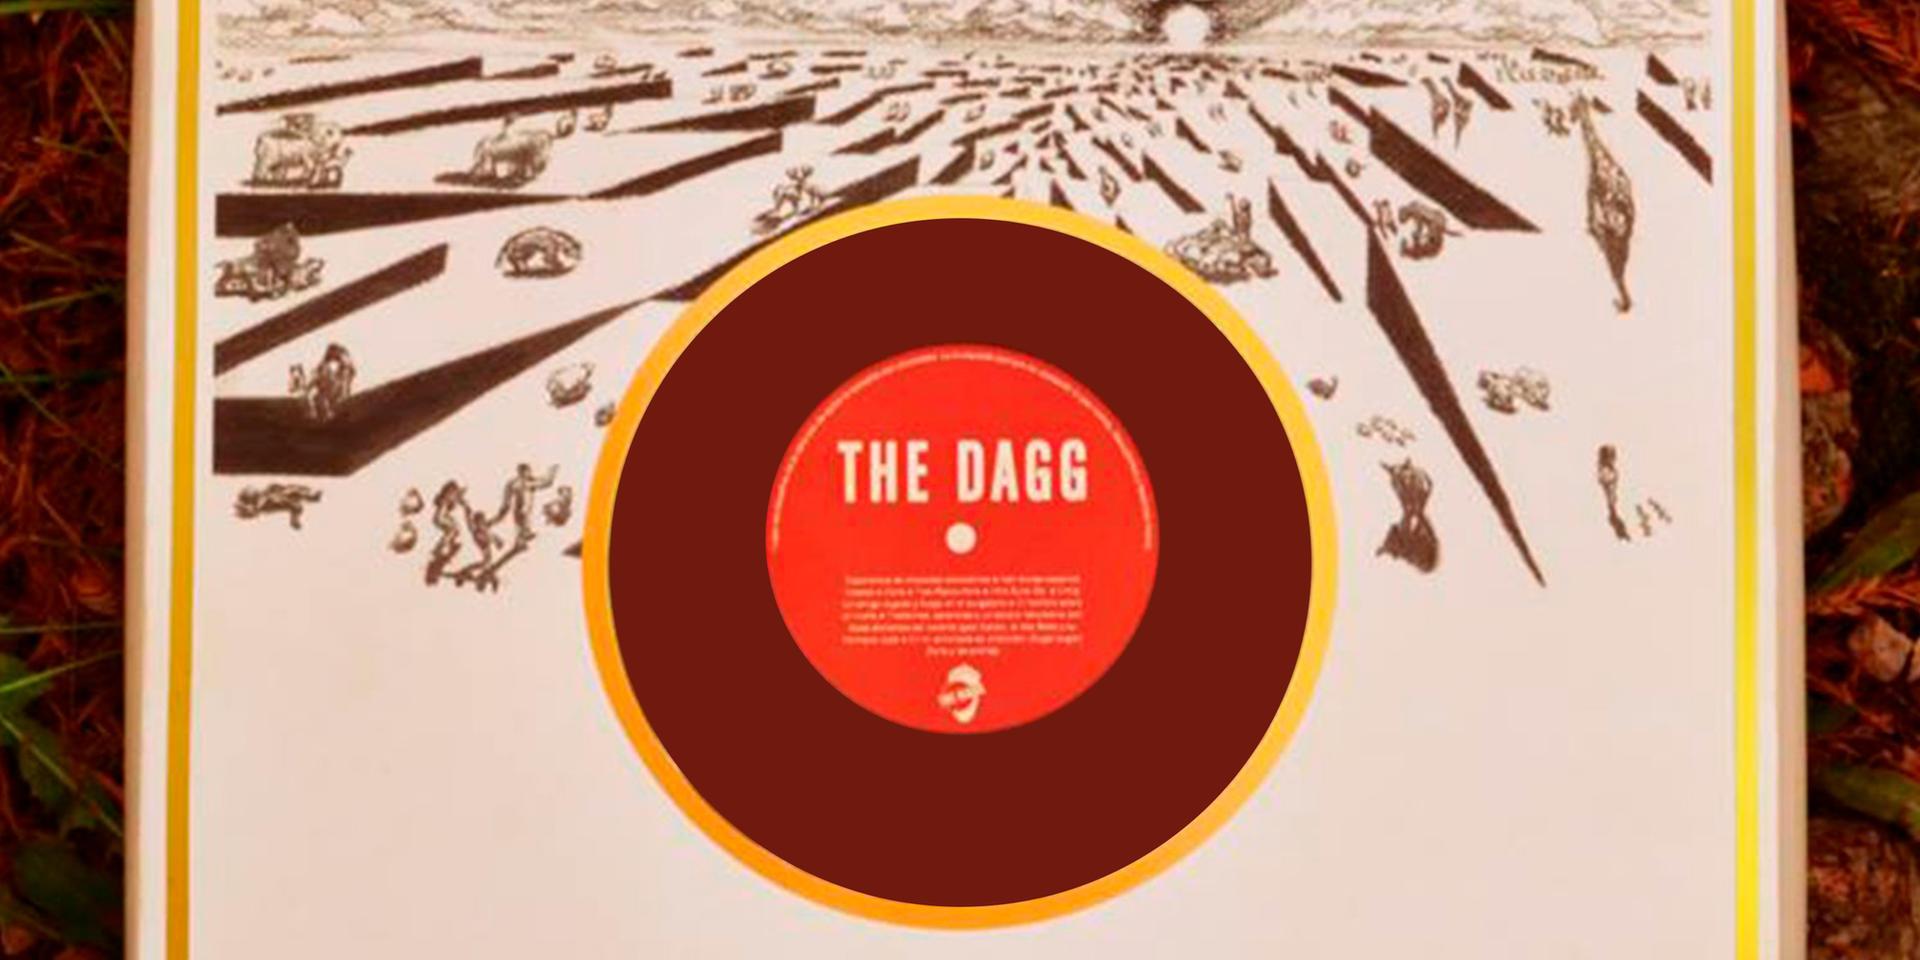 The Dagg by Ary Garay, Lucas Galiñanes, Pablo Buscarons (Argentina)